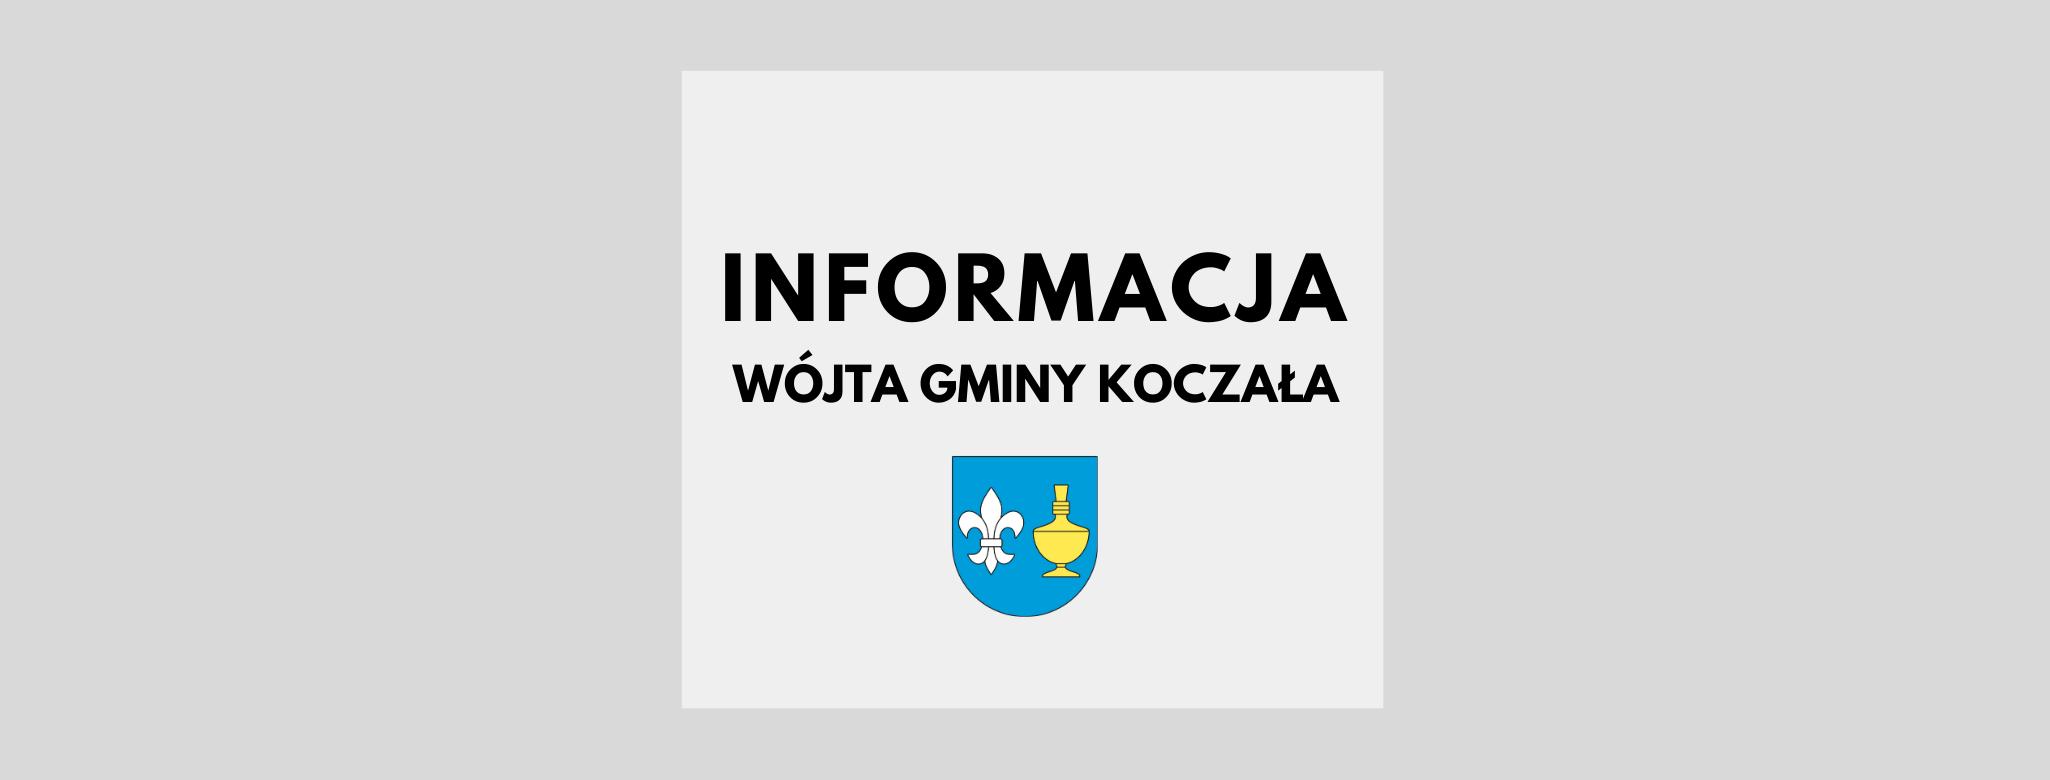 nagłówek graficzny o treści: informacja Wójta Gminy Koczała